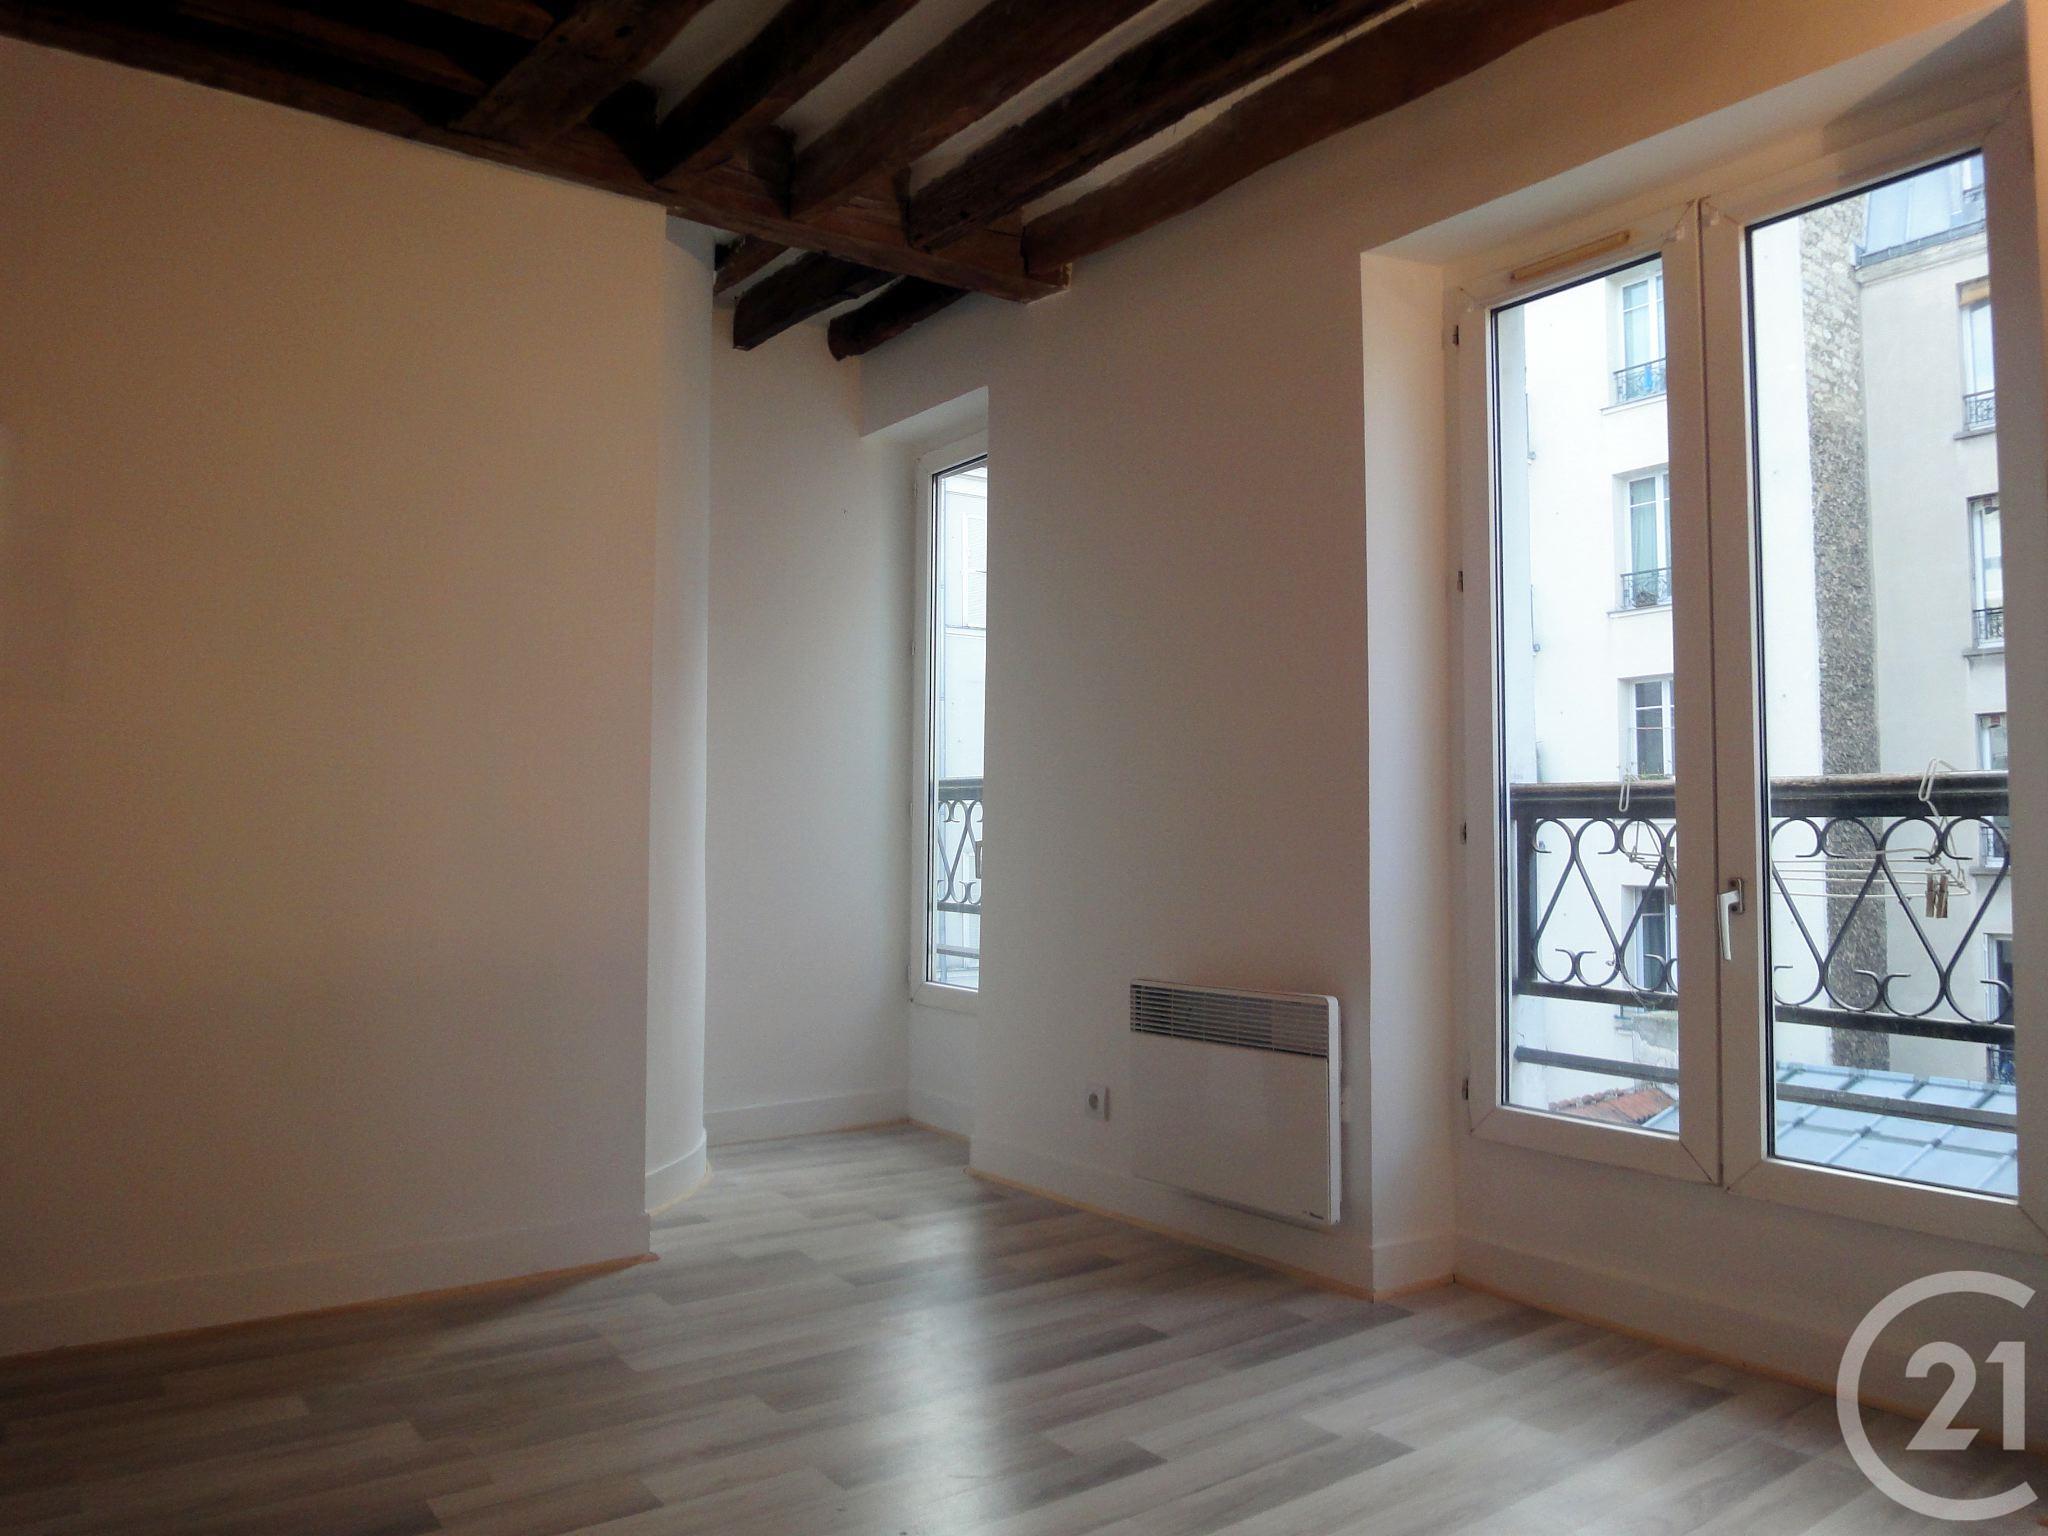 studio louer 1 pi ce 16 m2 paris 75011 ile de france. Black Bedroom Furniture Sets. Home Design Ideas